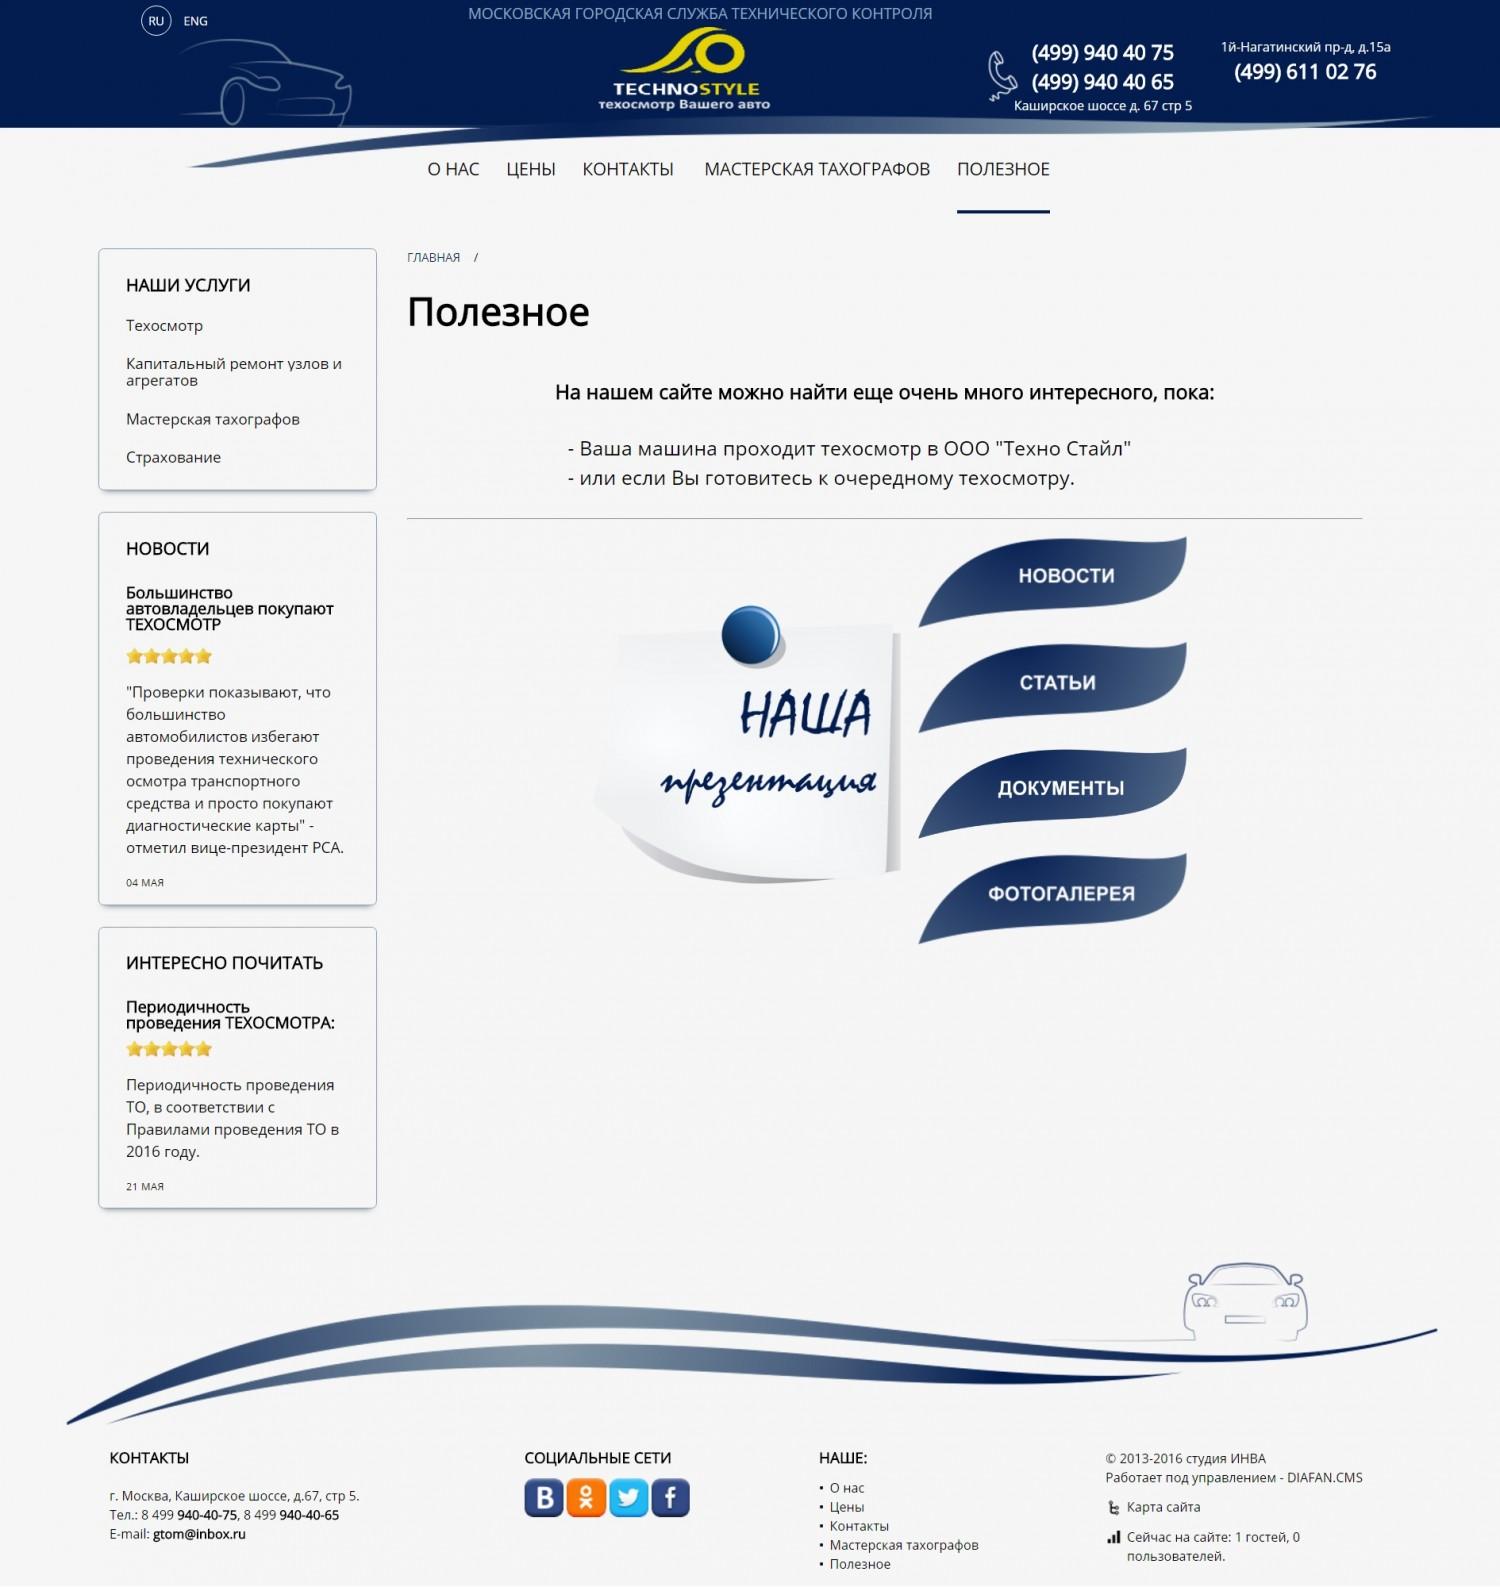 Сайт Пункта техосмотра ТС